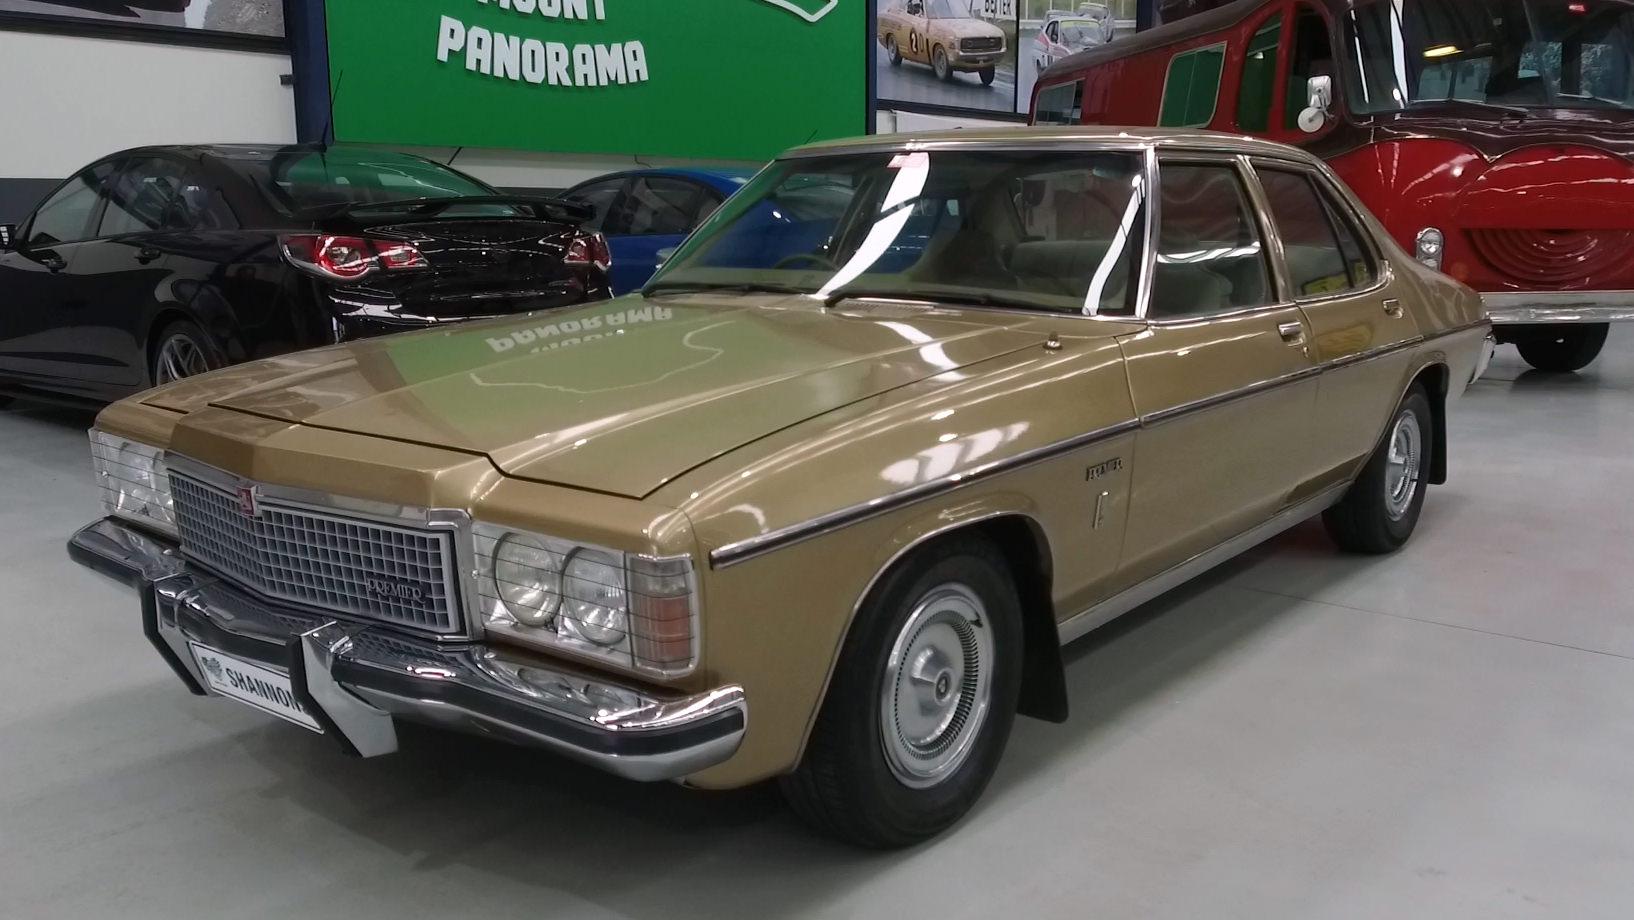 1979 Holden HZ Premier 4.2 V8 Sedan - 2021 Shannons Autumn Timed Online Auction